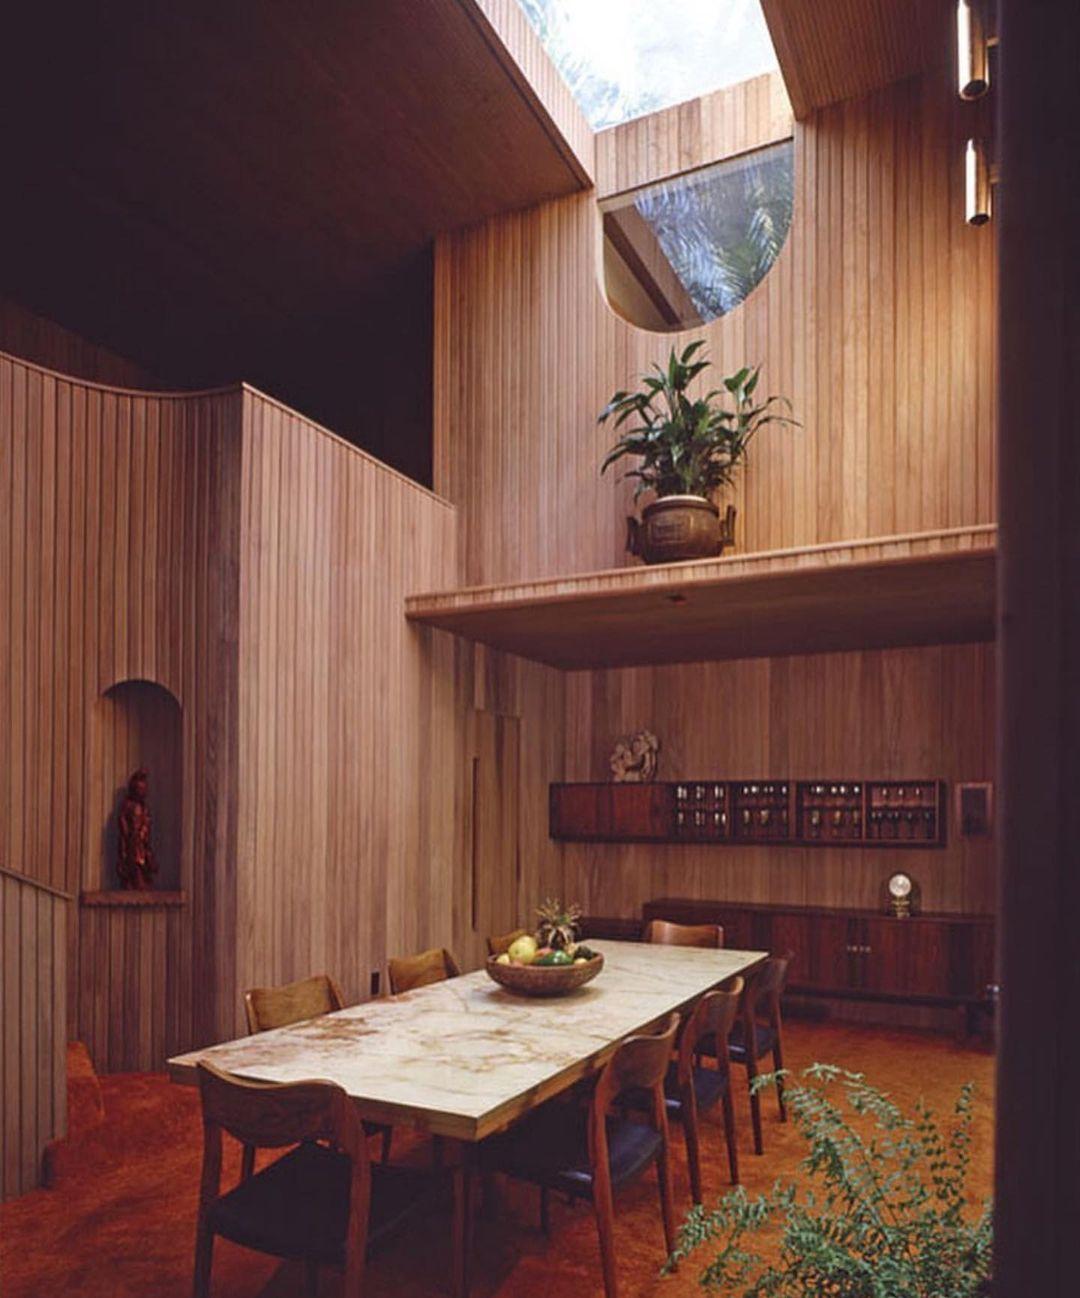 O interior da casa Woodsong também aposta fortemente no mogno.